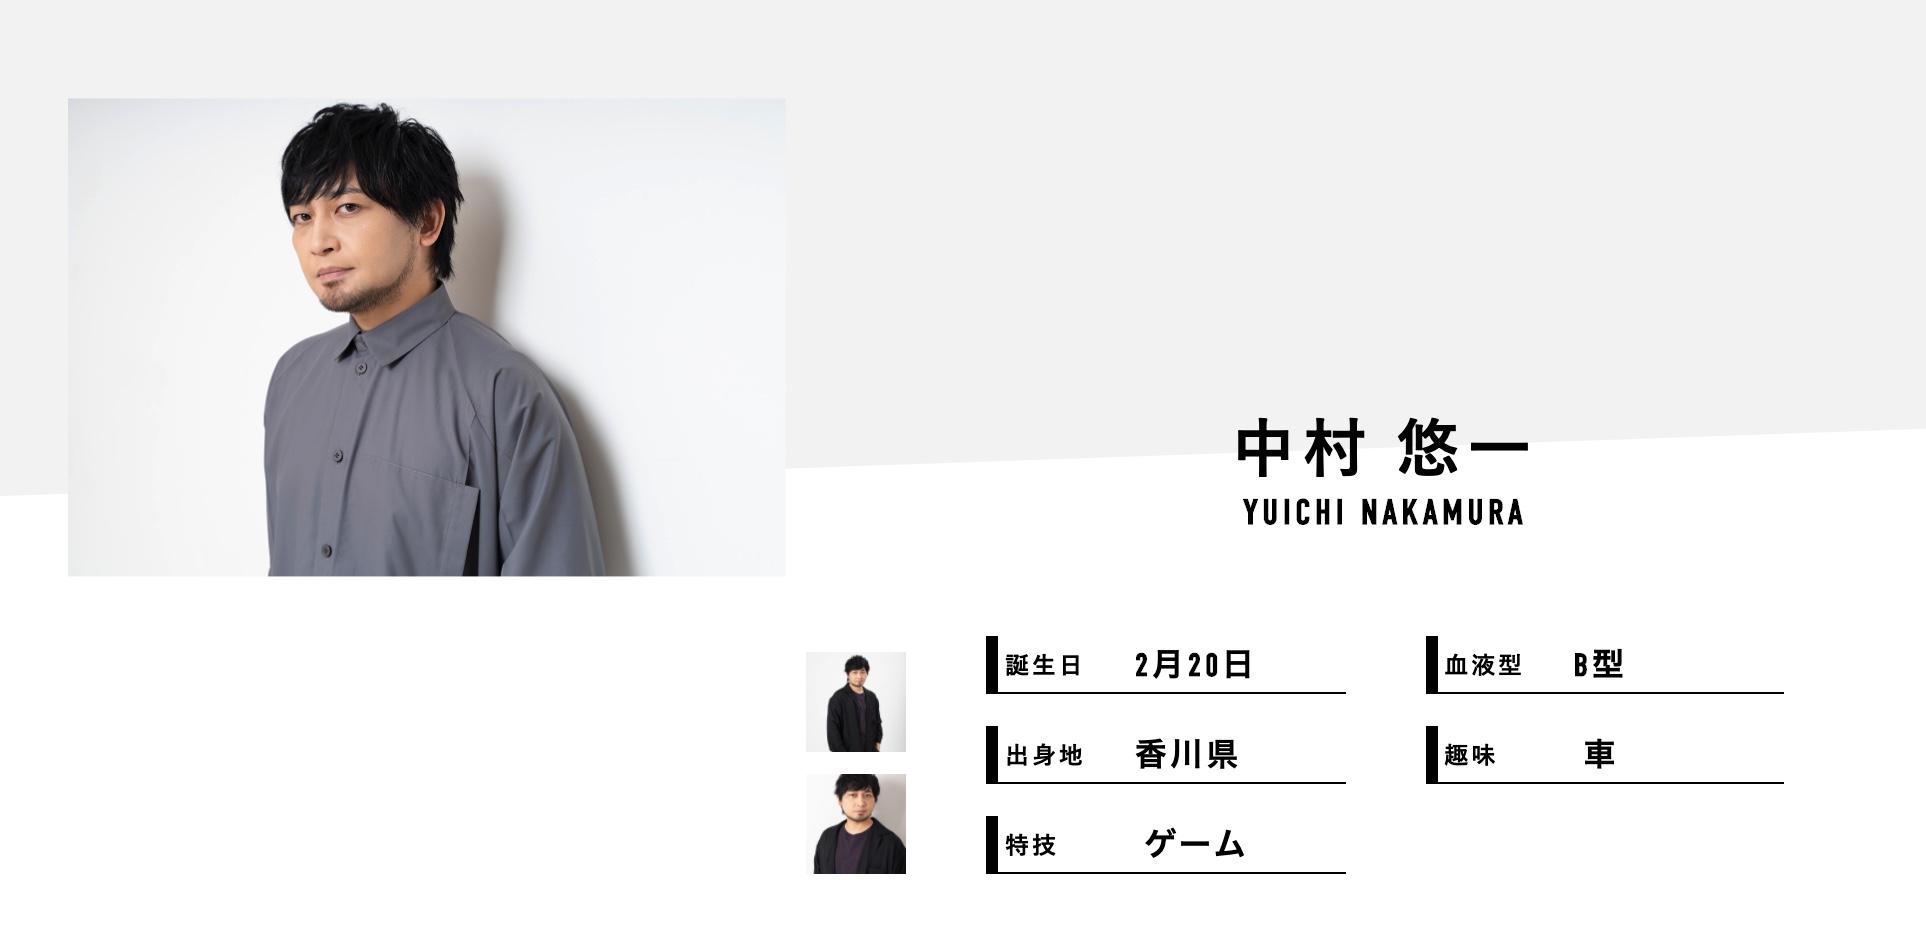 中村悠一さんがインテンションへ所属となったことが発表!「色々思いを語る場を、どこかで設けられたら…と思います。」